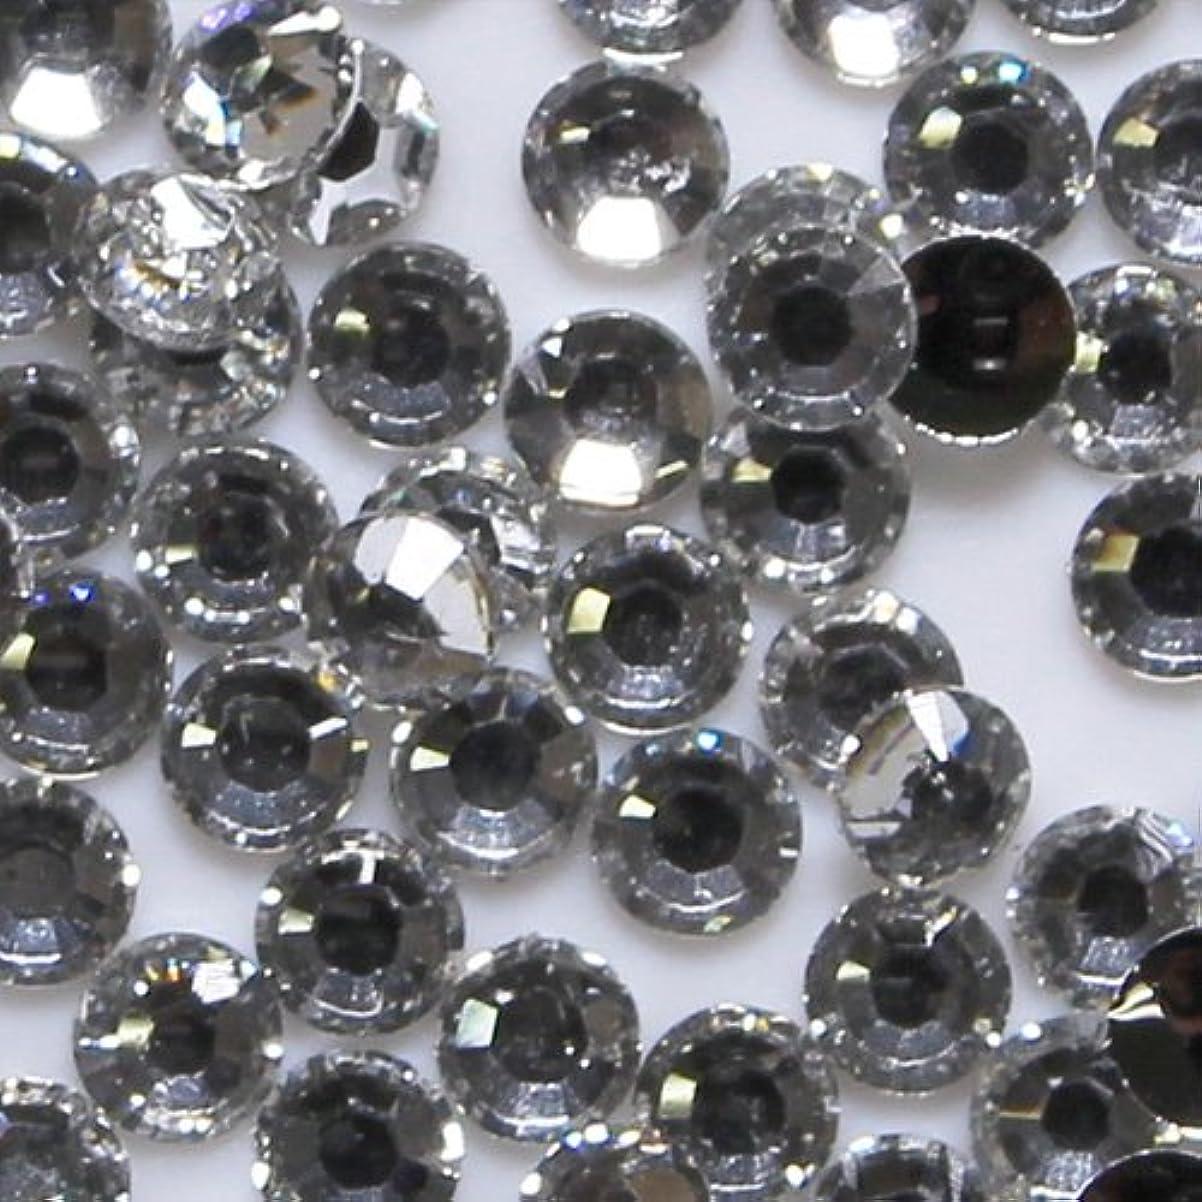 防水期限切れ厳密に高品質 アクリルストーン ラインストーン ラウンドフラット 約1000粒入り 2mm ダイヤモンド